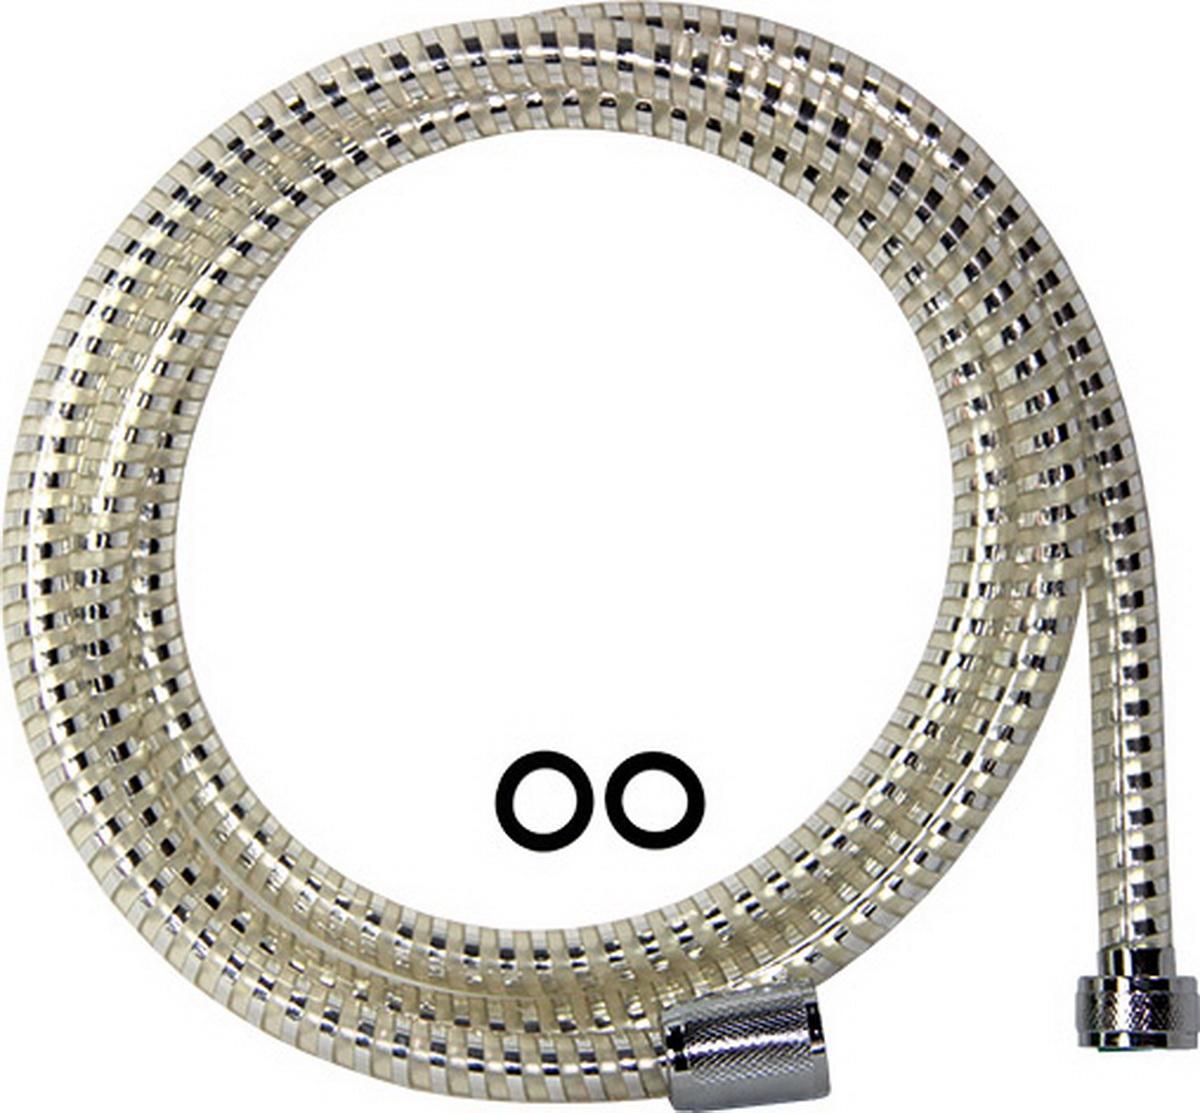 Шланг для душа Argo PVC Еspiroflex TRANSPARENTE, 1/2, 175 см34552Универсальный гибкий шланг для душа Argo PVC Еspiroflex TRANSPARENTE сочетает в себе отличные эксплуатационные характеристикии приятный дизайн. Шланг изготовлен из высококачественного поливинила.Прочный и надежный шланг эргономичен и прост в монтаже, удобен виспользовании. Длина: 175 см. Выходы шлага: 1/2. Тип соединения оплетки: цепь.